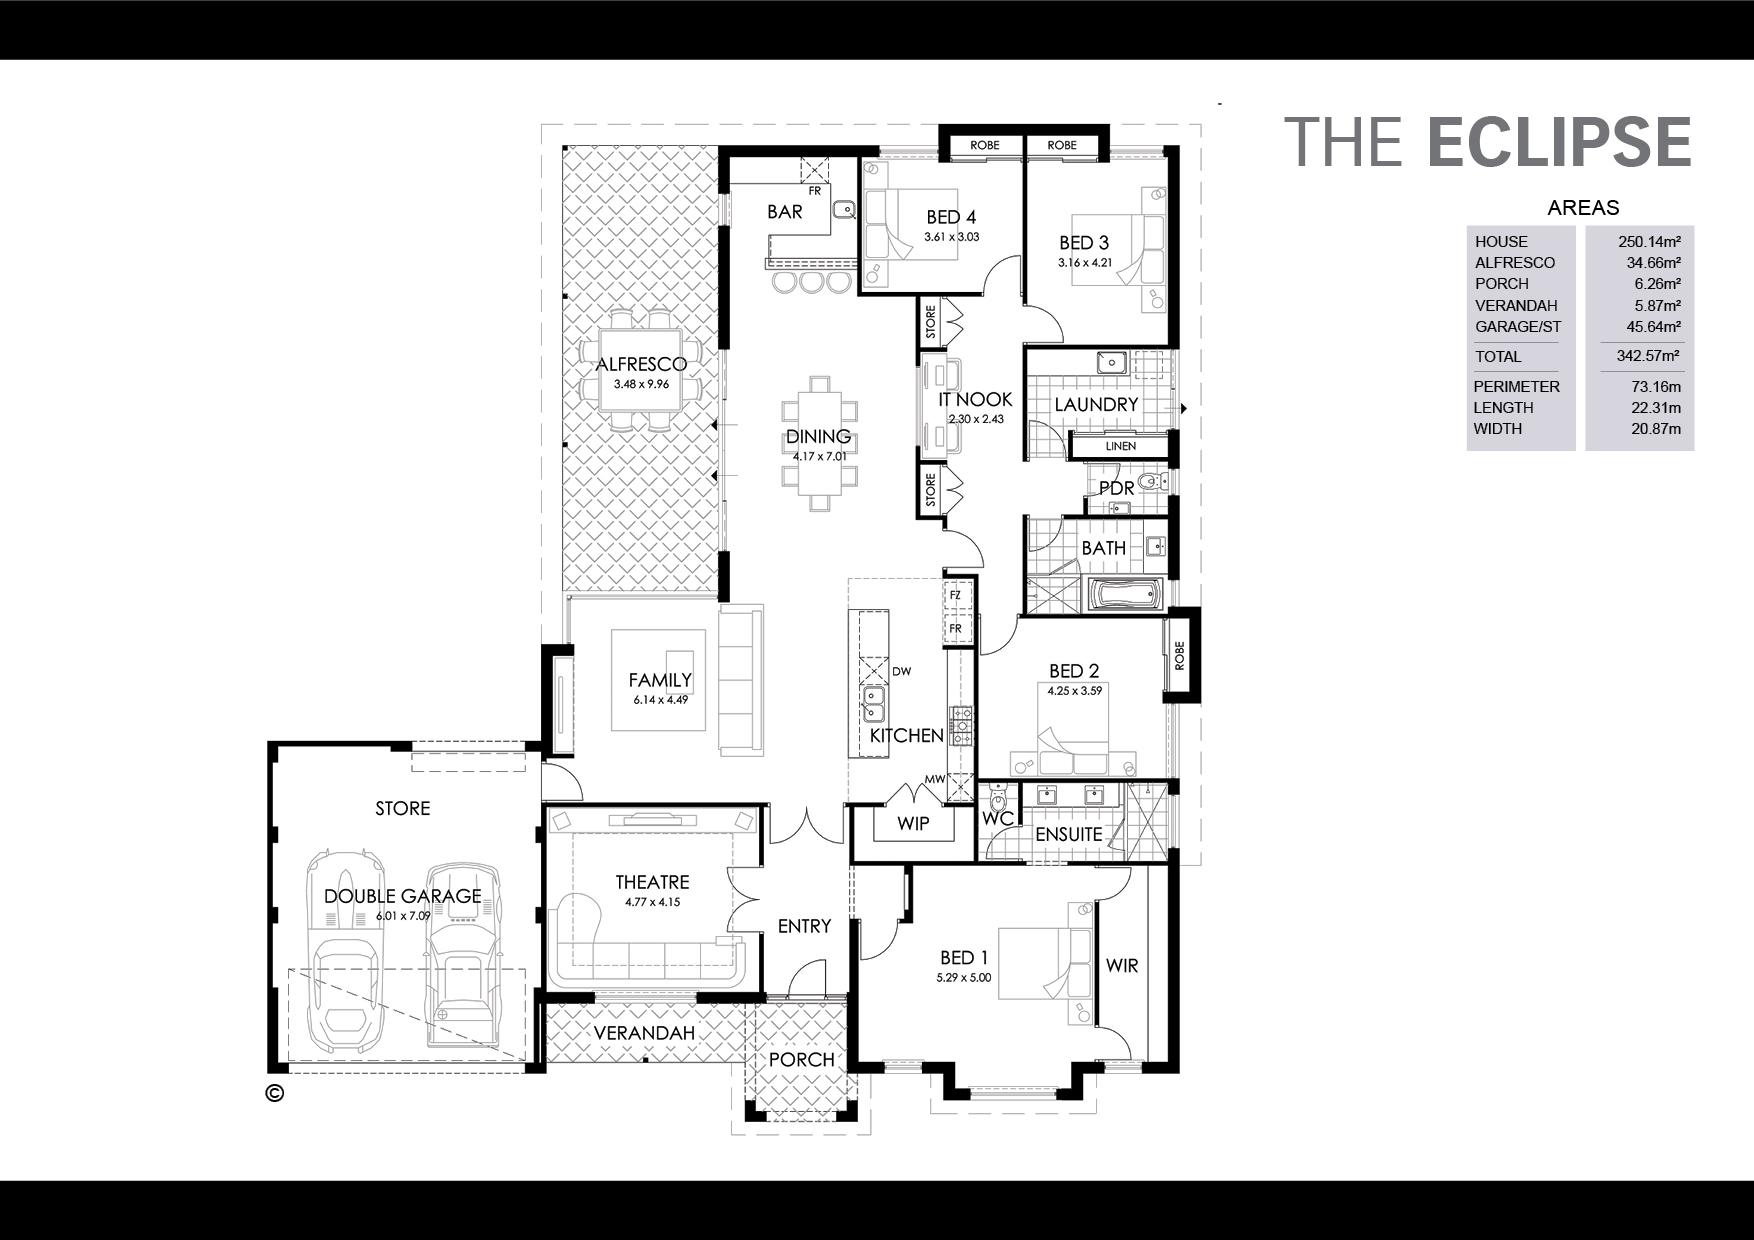 The Eclipse Floorplan